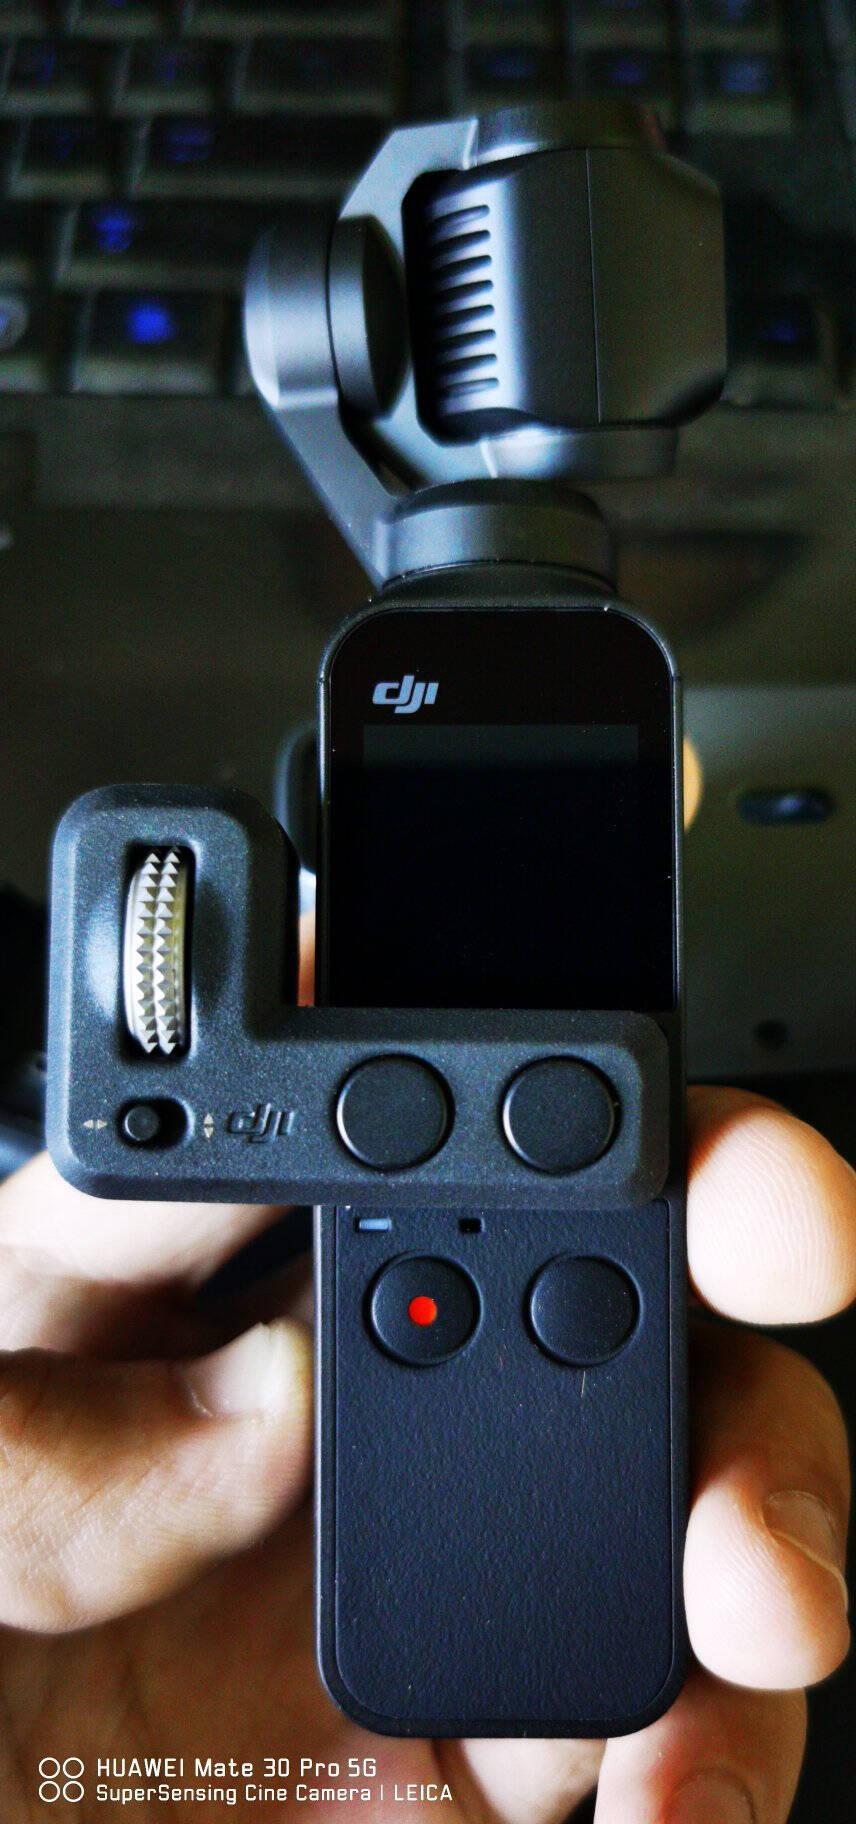 DJI大疆OsmoPocket京东定制畅玩套装口袋云台相机迷你手持云台相机Vlog拍摄无损防抖美颜运动